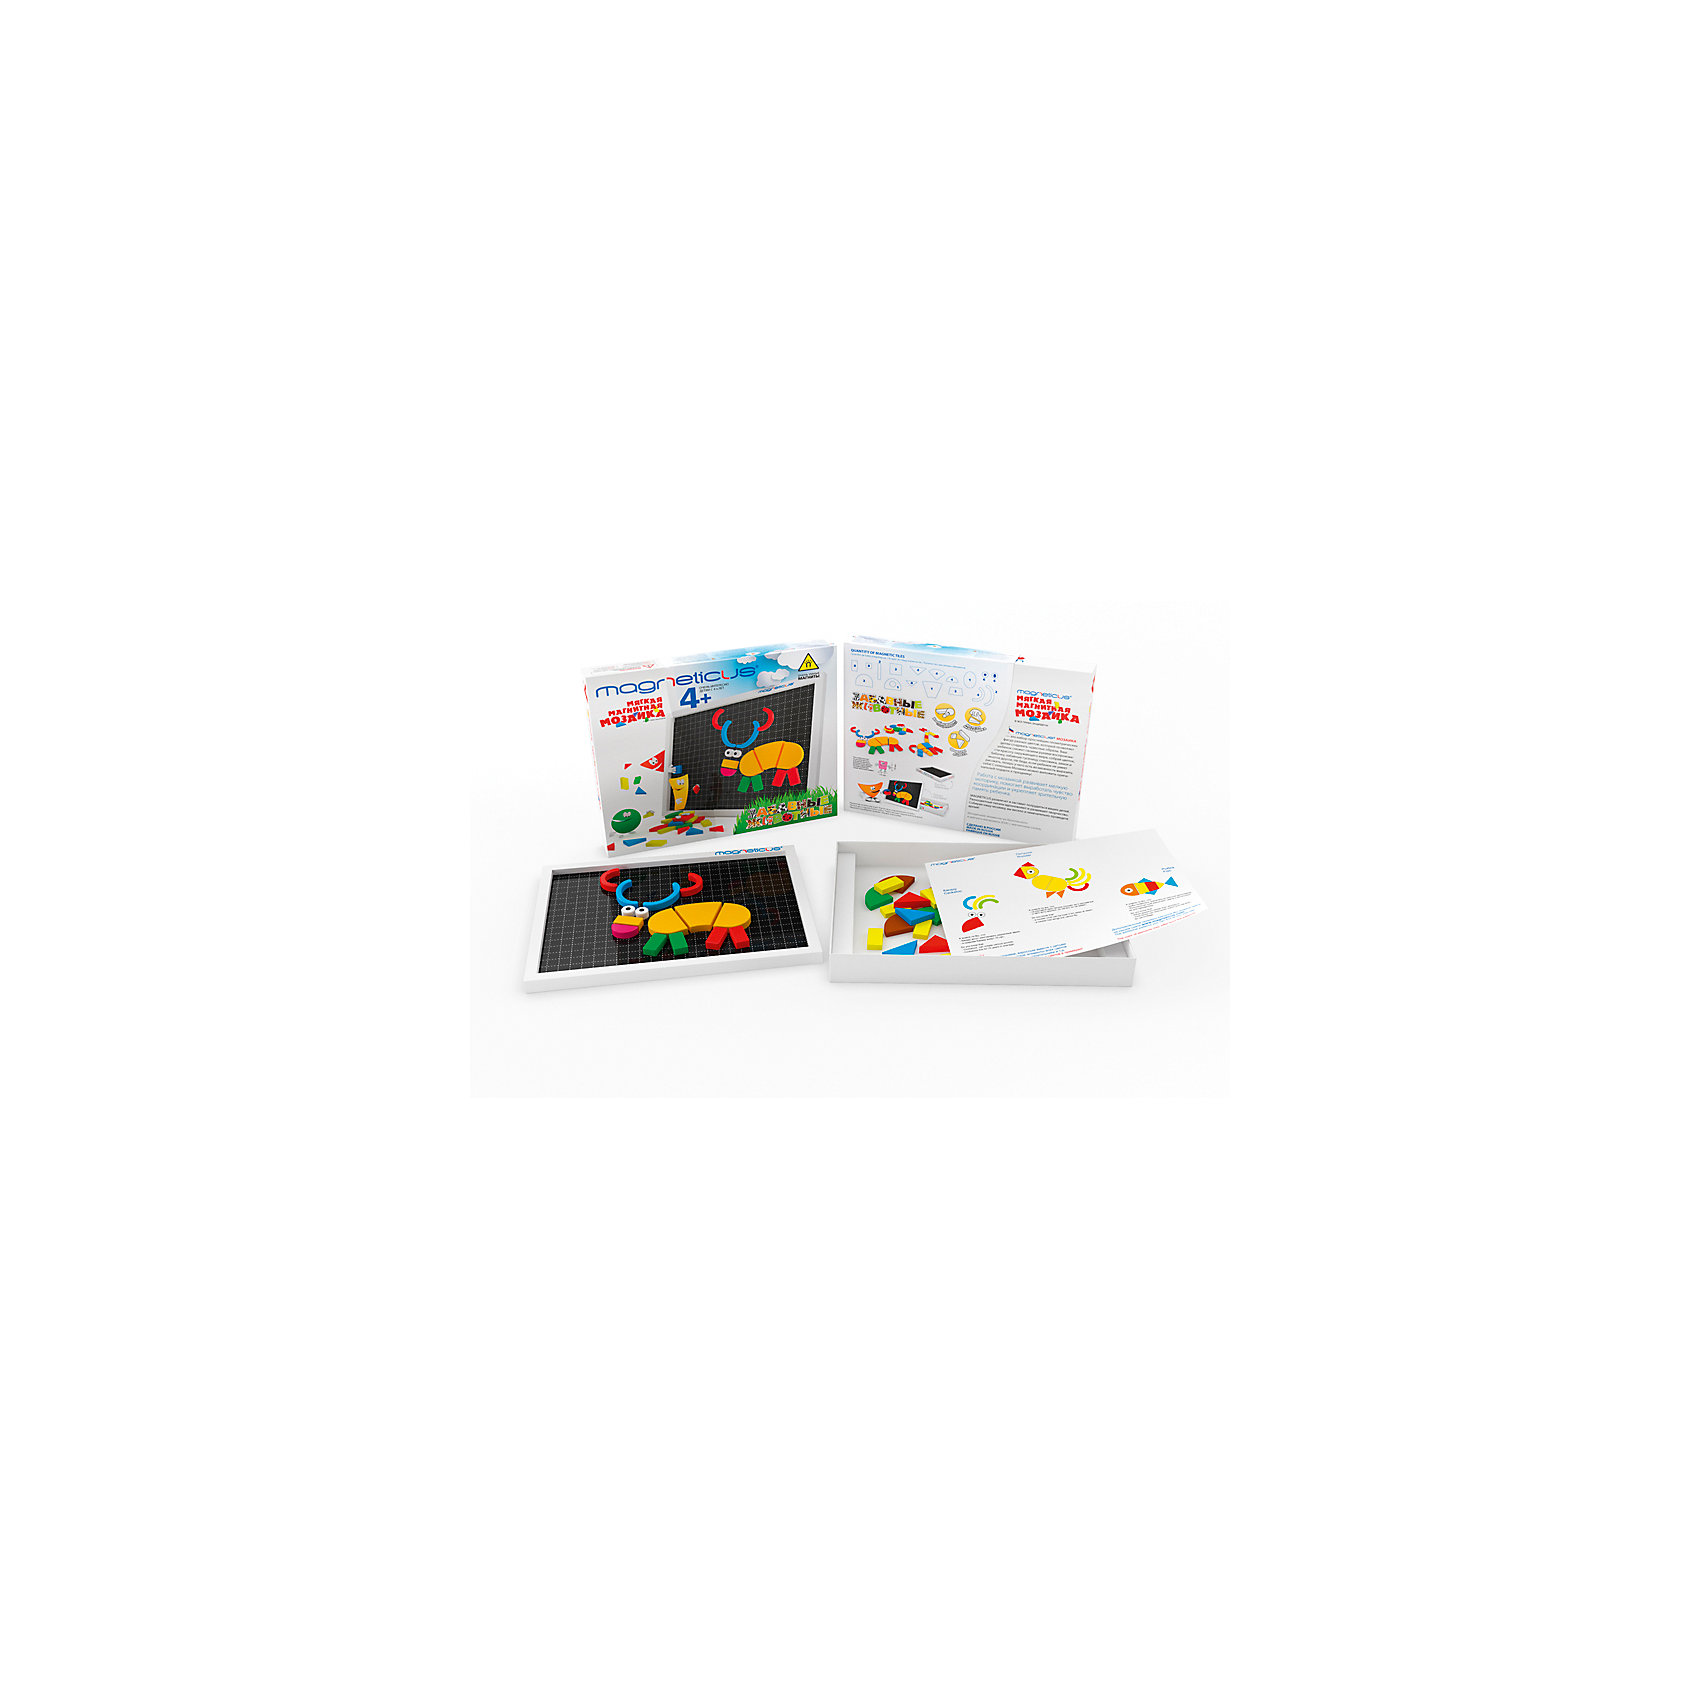 Мозаика магнитная Забавные Животные, 65 деталей,  MagneticusМозаика<br>Характеристики товара:<br><br>• возраст от 3 лет;<br>• материал: металл, полимер;<br>• в комплекте: 55 магнитных деталей, игровое поле, буклет;<br>• размер упаковки 26х22х4 см;<br>• вес упаковки 300 гр.;<br>• страна производитель: Россия.<br><br>Мозаика магнитная «Забавные животные» Magneticus 65 деталей — набор магнитных разноцветных элементов, выполненных в виде геометрических фигур. Детали крепятся на металлическую основу, образуя фигуры и рисунки. Проявляя фантазию, ребенок может создавать собственные картинки или следовать указаниям в инструкции. Игрушка развивает у детей мелкую моторику рук, усидчивость, внимательность, творческие способности.<br><br>Мозаику магнитную «Забавные животные» Magneticus 65 деталей можно приобрести в нашем интернет-магазине.<br><br>Ширина мм: 260<br>Глубина мм: 220<br>Высота мм: 40<br>Вес г: 300<br>Возраст от месяцев: 36<br>Возраст до месяцев: 96<br>Пол: Унисекс<br>Возраст: Детский<br>SKU: 5613496